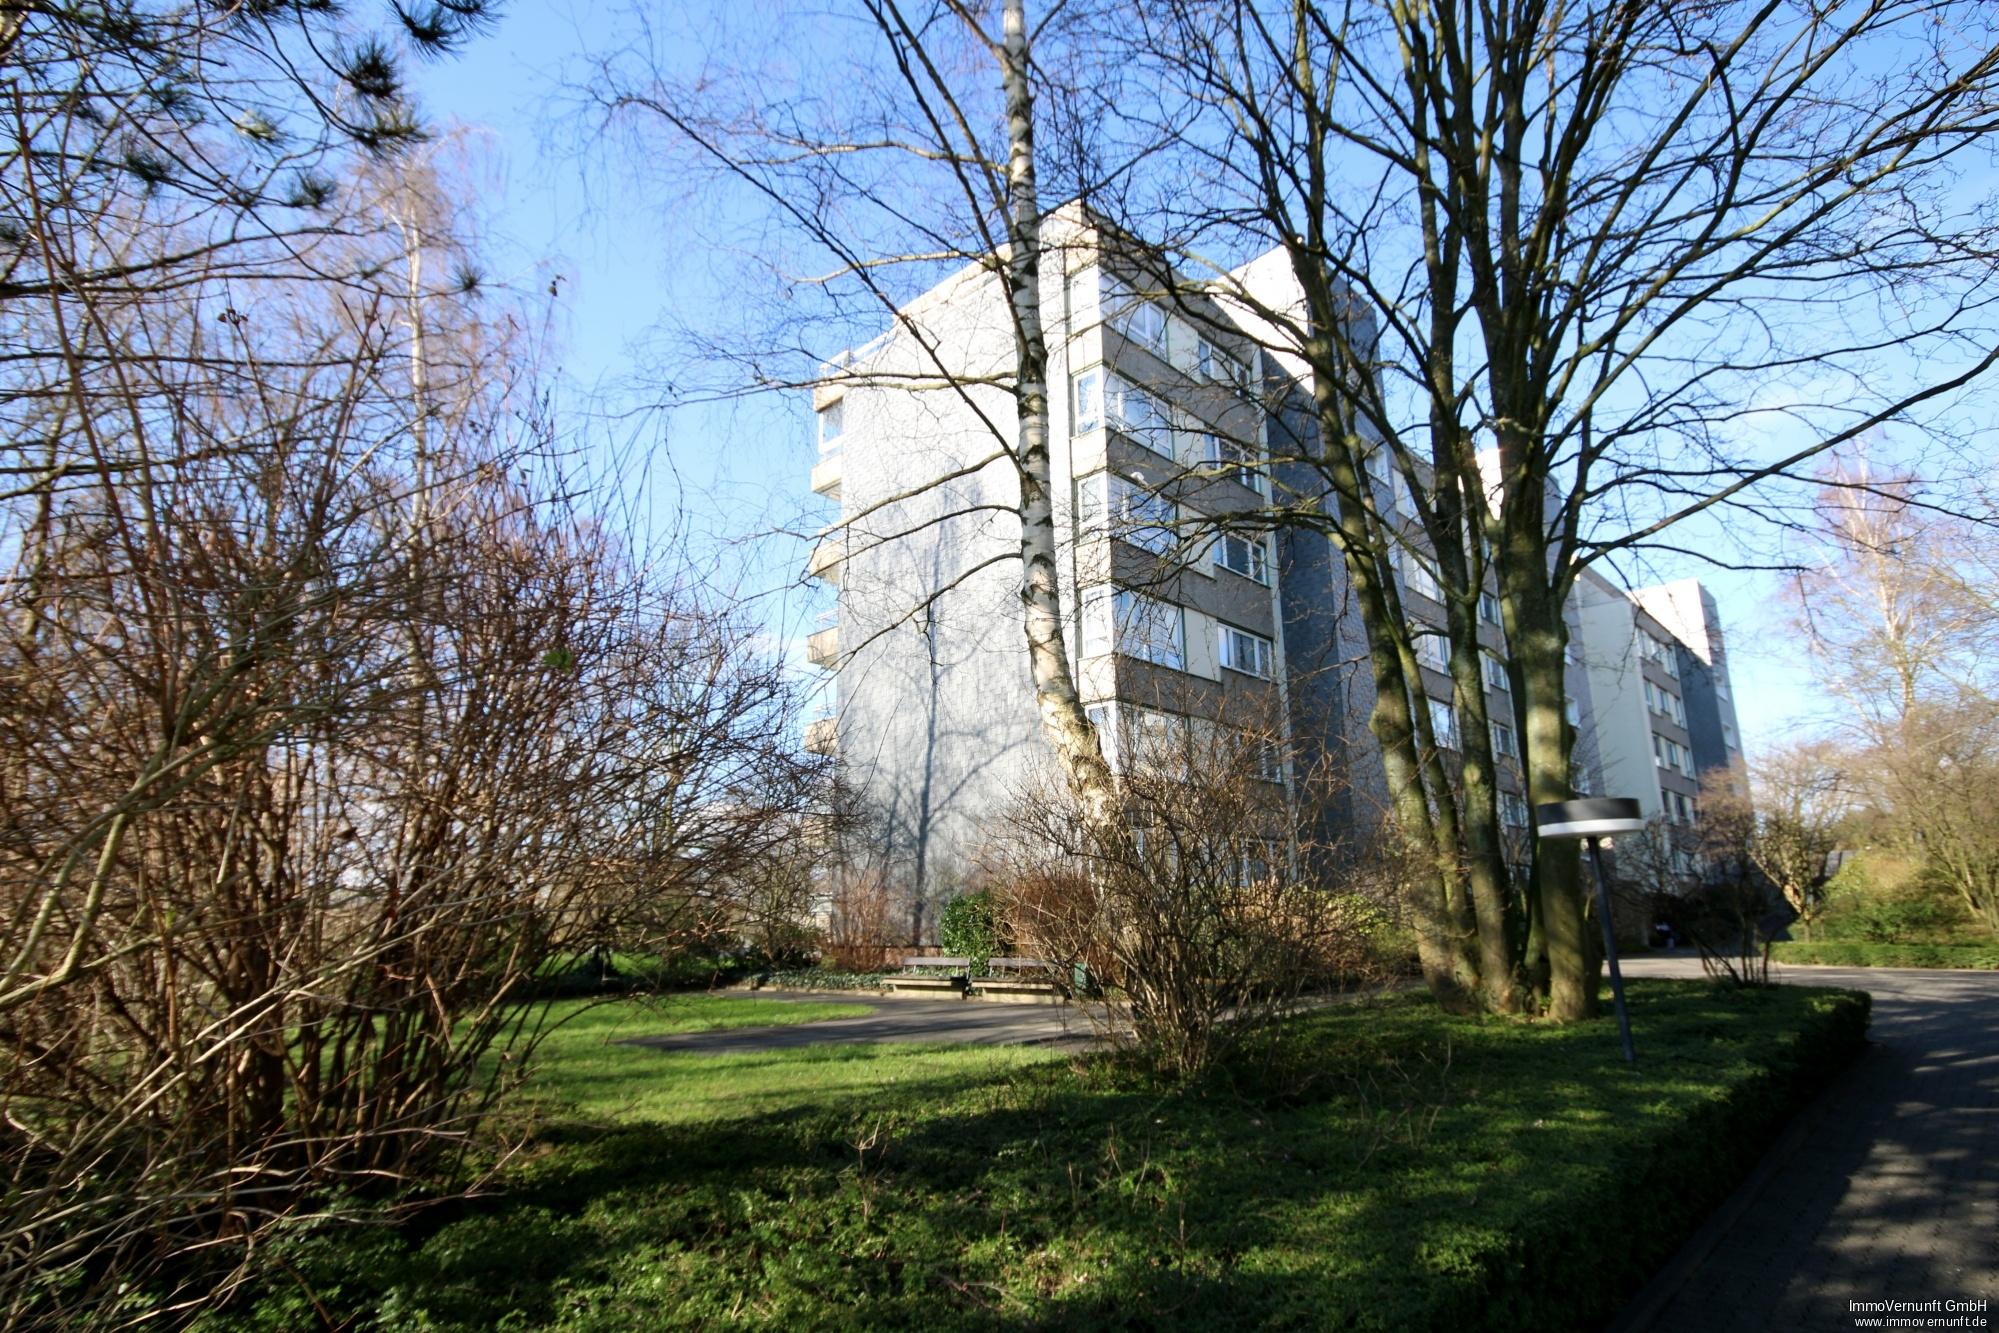 Renovierte 94m² große Eigentumswohnung in Essen- Kettwig 45219 Essen (Stadtbezirke IX, Kettwig), Etagenwohnung